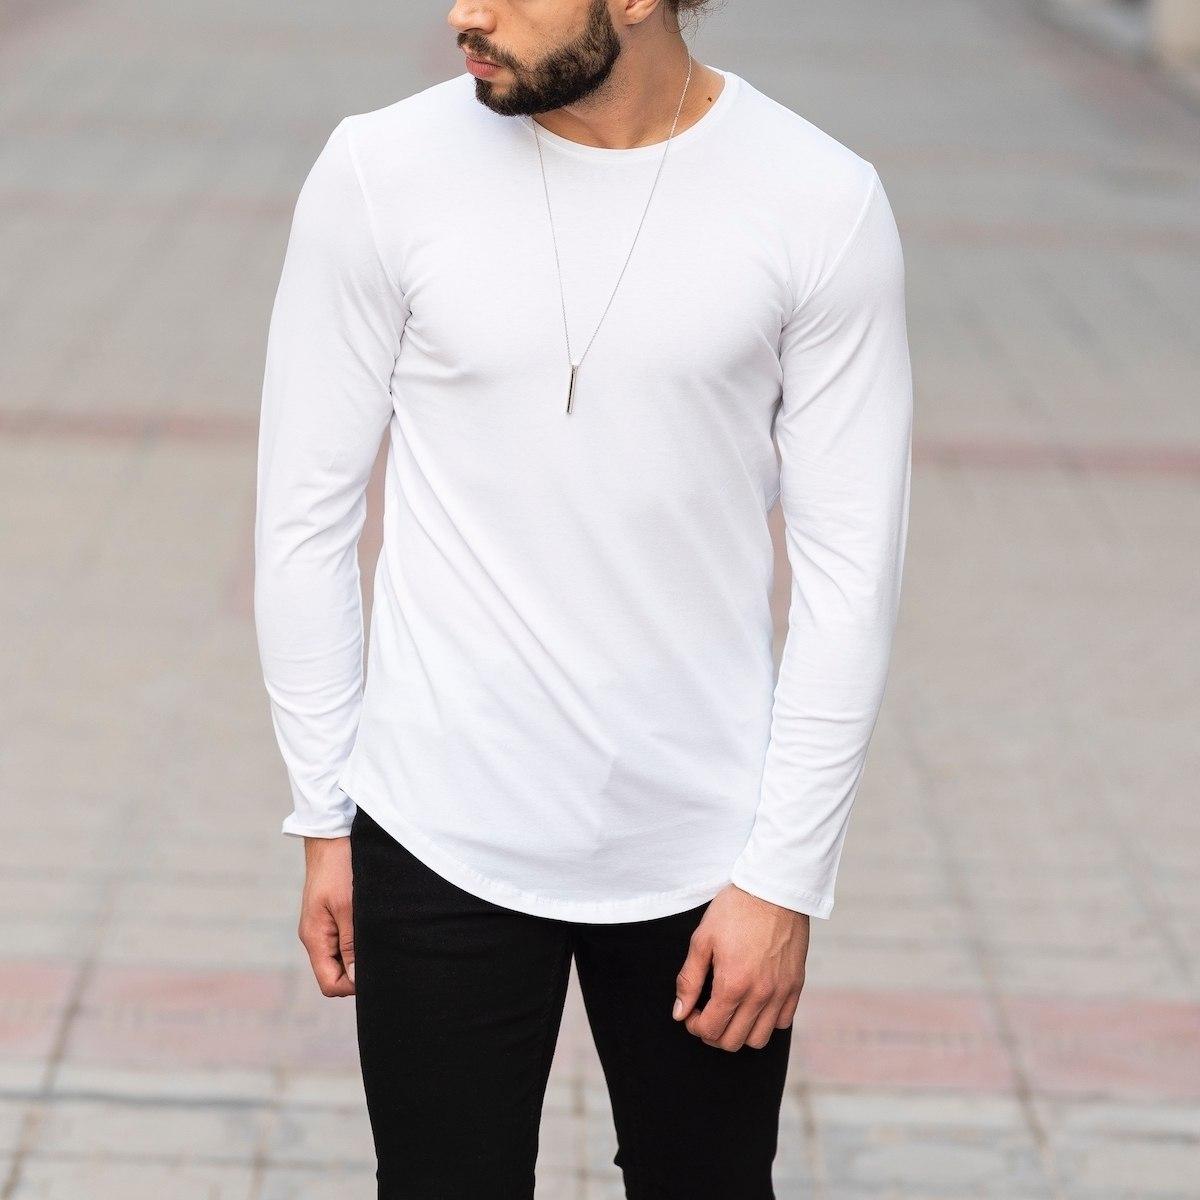 Basic Sweatshirt In White Mv Premium Brand - 1